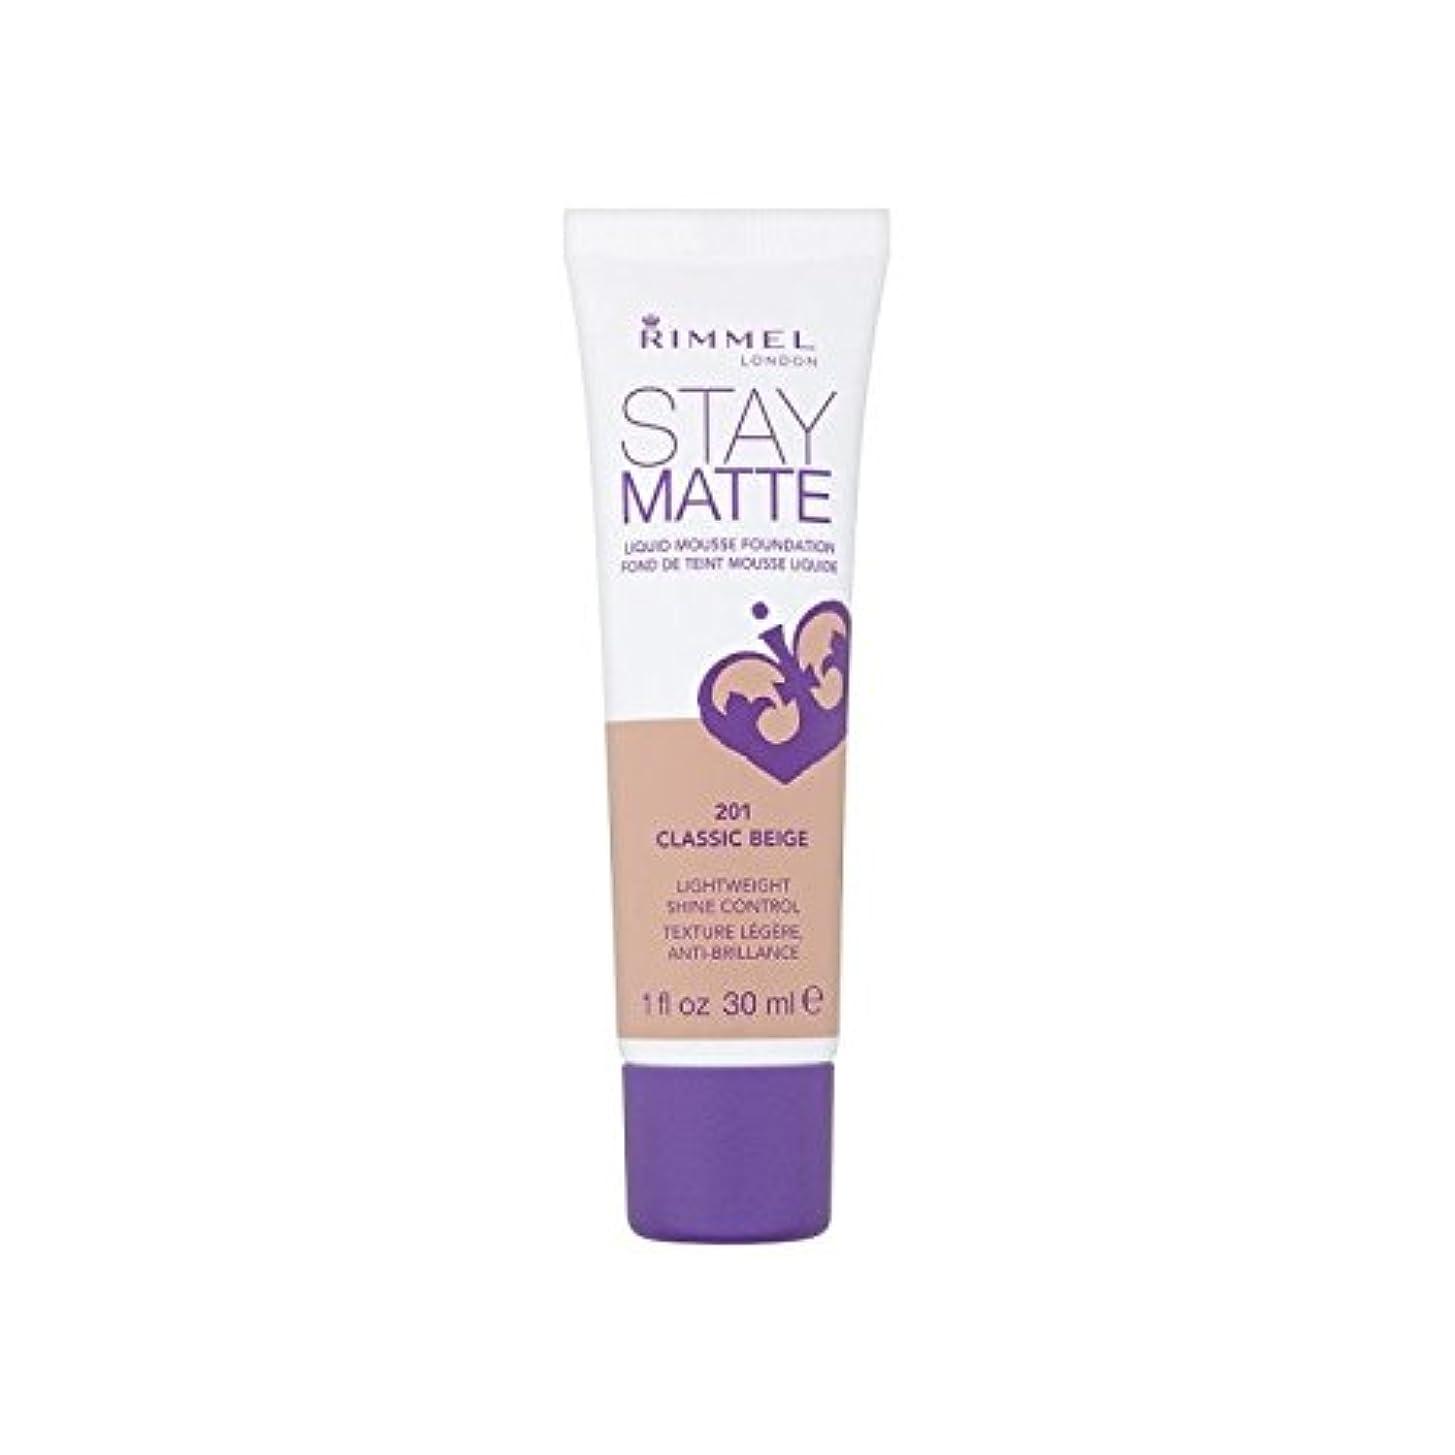 調和のとれたいちゃつくステンレスリンメルステイマット基盤古典ベージュ x4 - Rimmel Stay Matte Foundation Classic Beige (Pack of 4) [並行輸入品]